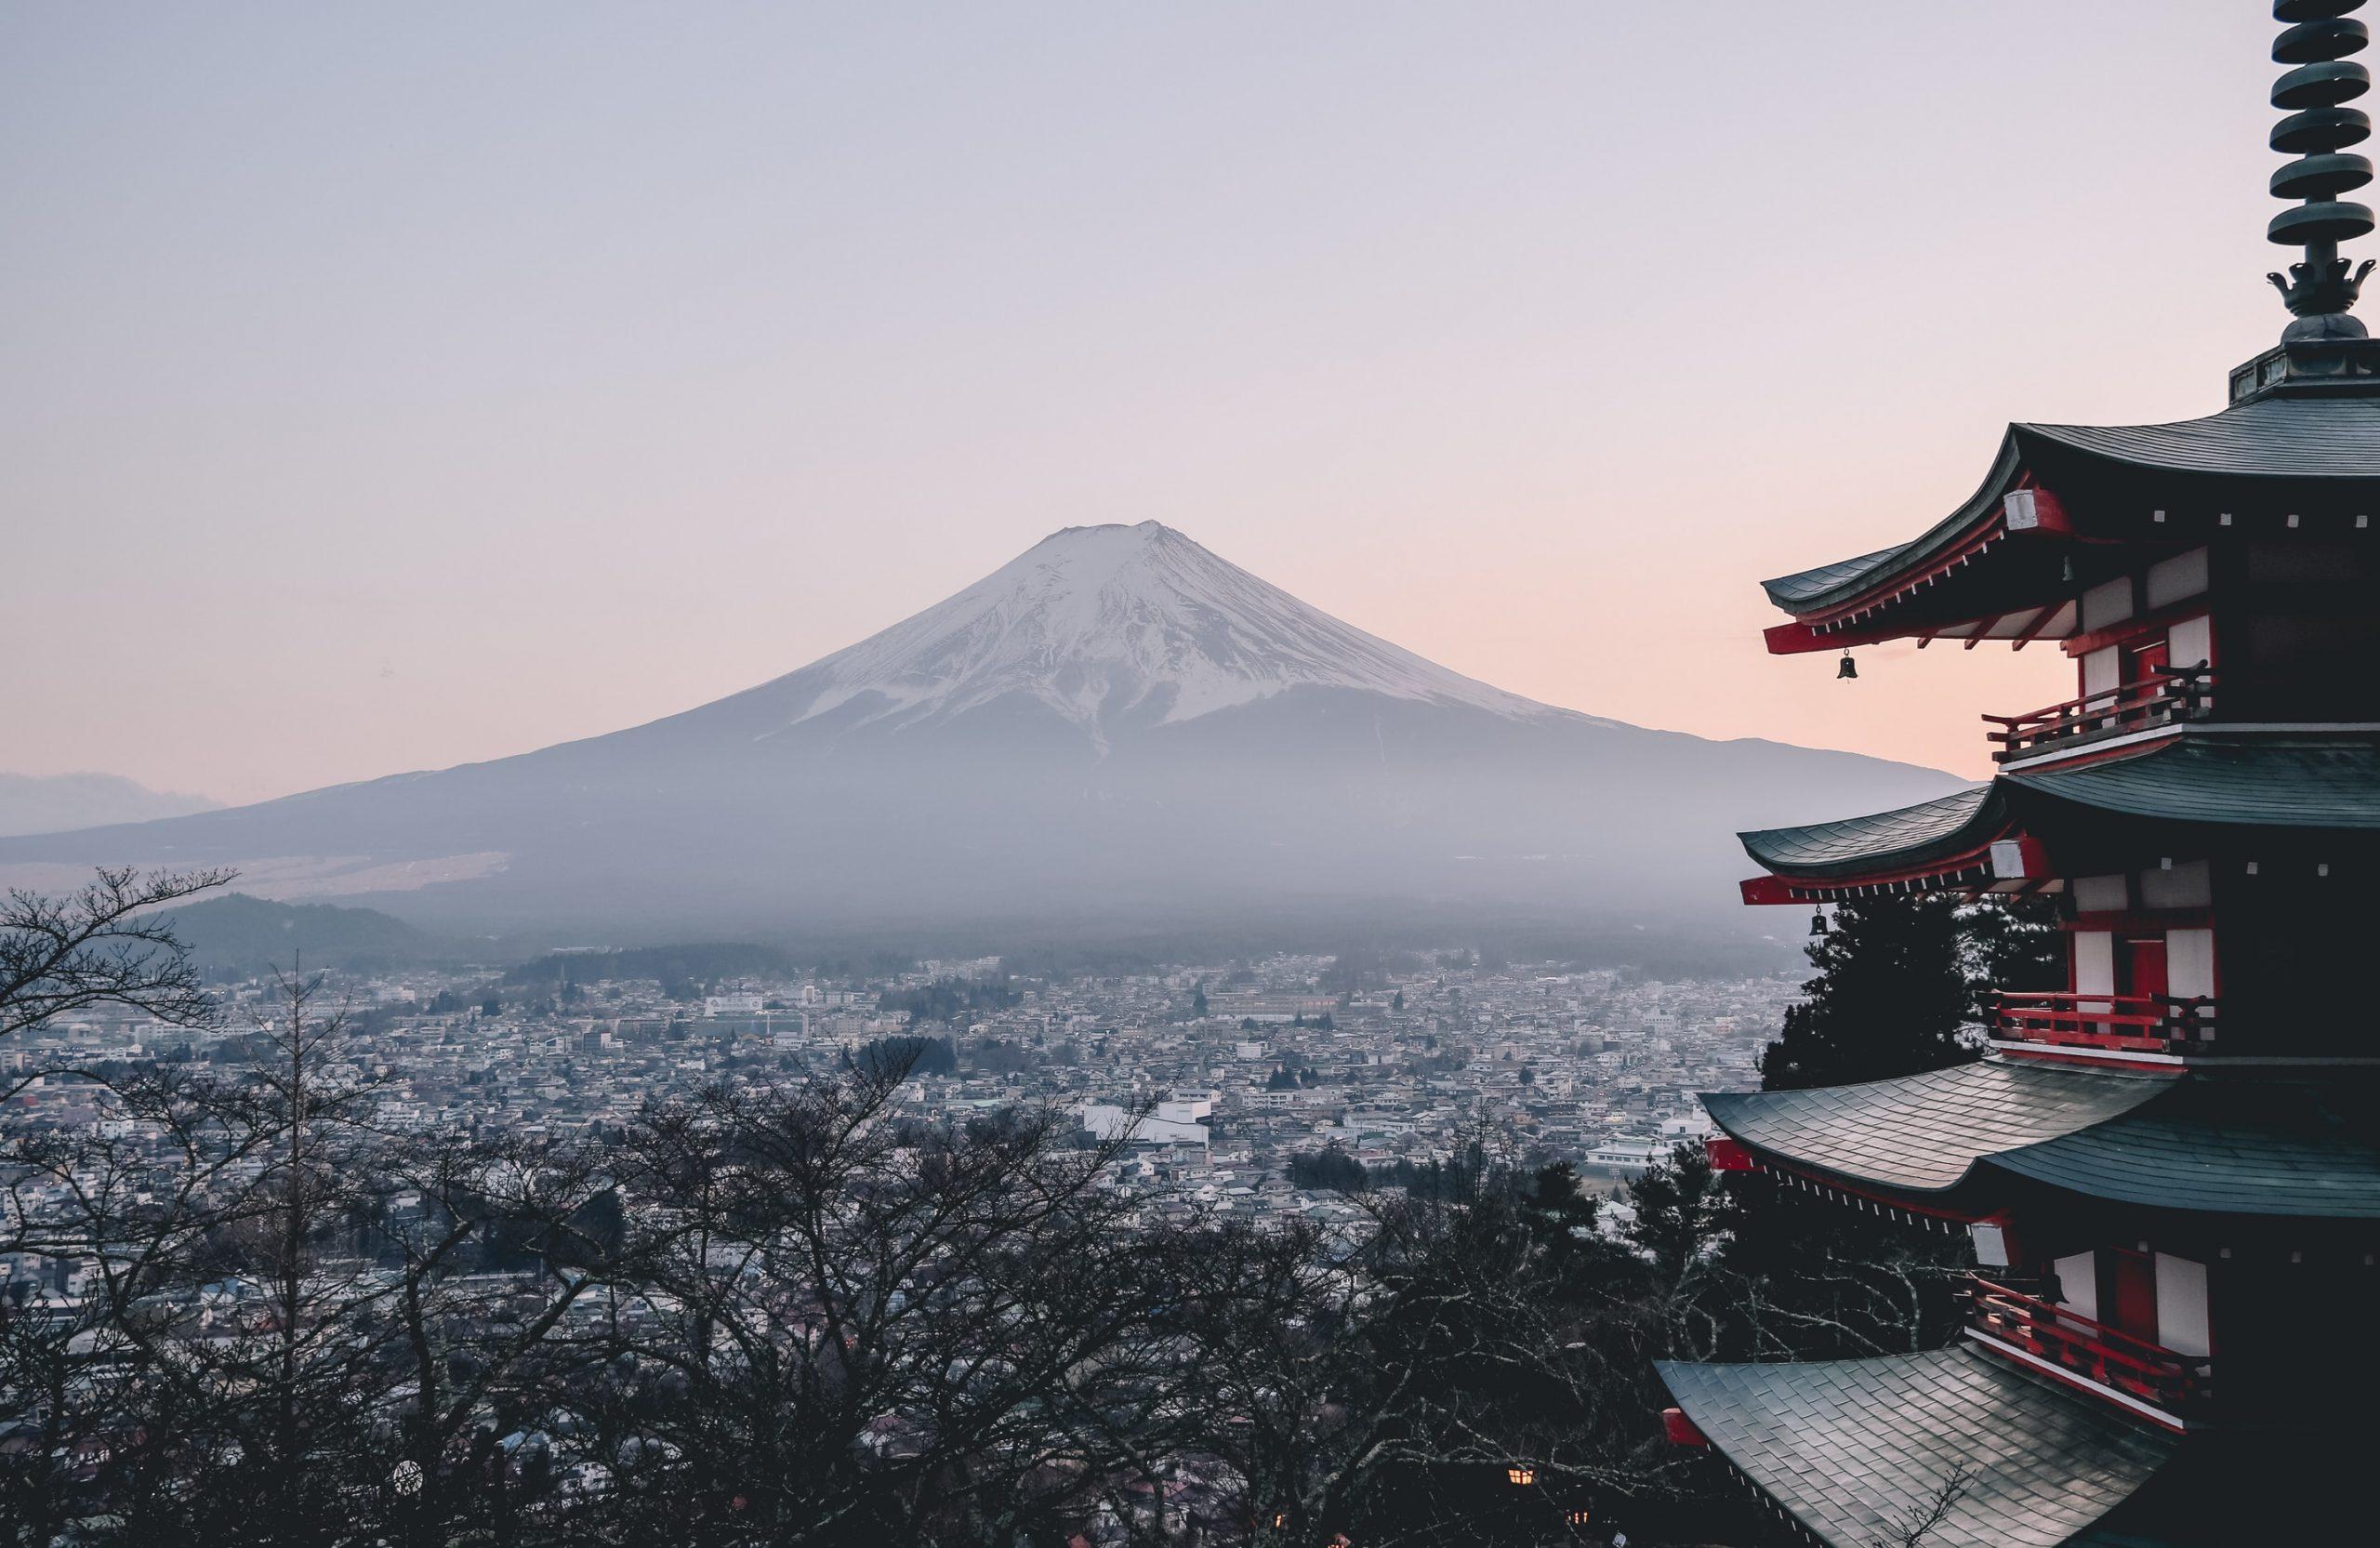 Der Berg Fuji als das Symbol für Japan